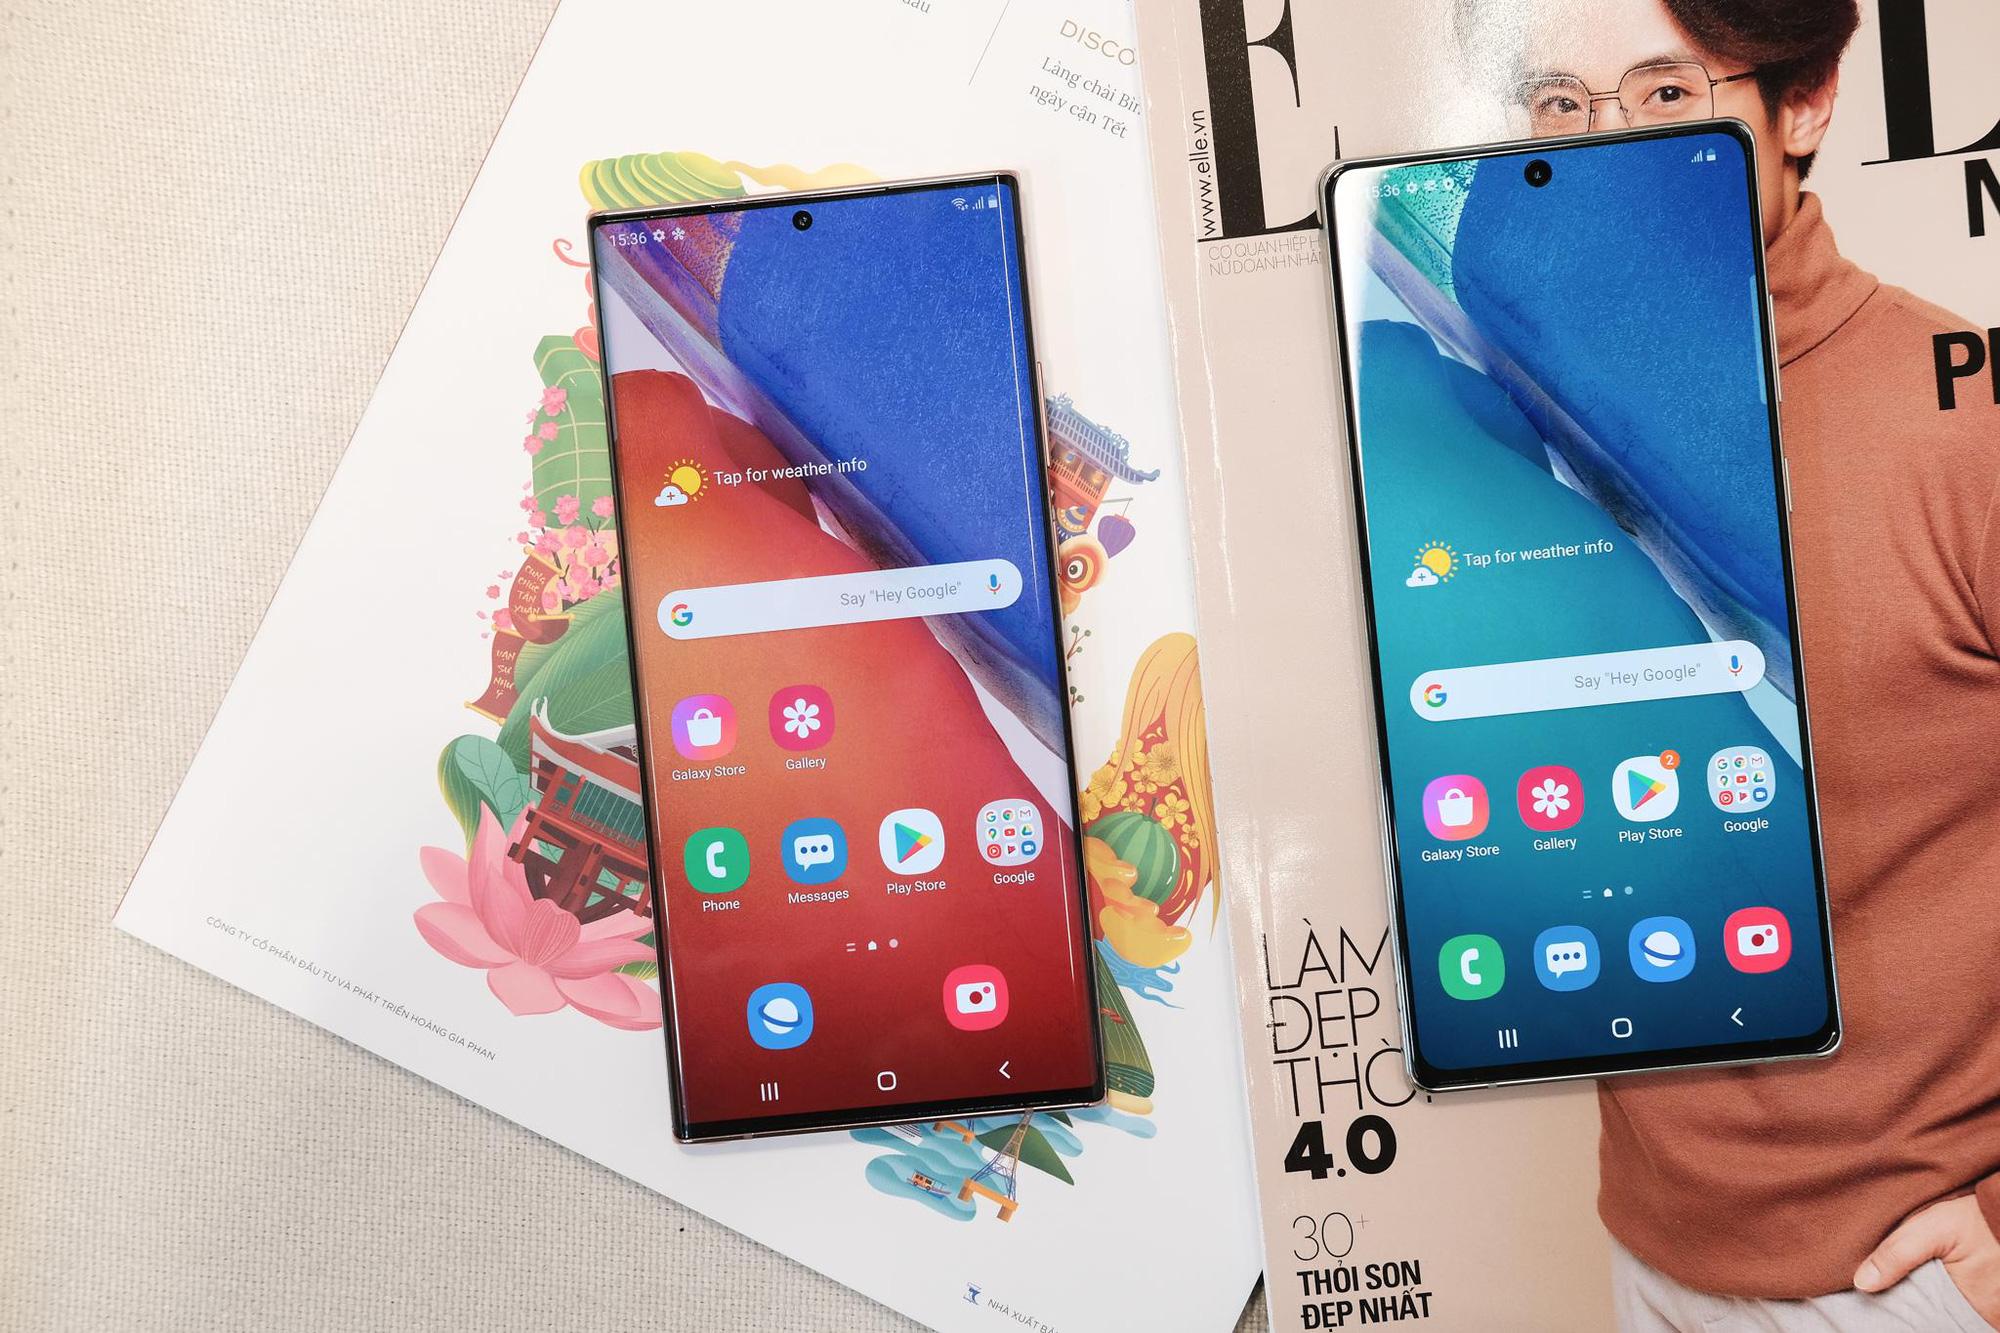 Nhìn lại màn ra mắt siêu phẩm Galaxy Note20: Sẵn sàng đưa thế giới bước vào kỷ nguyên 5G - Ảnh 4.